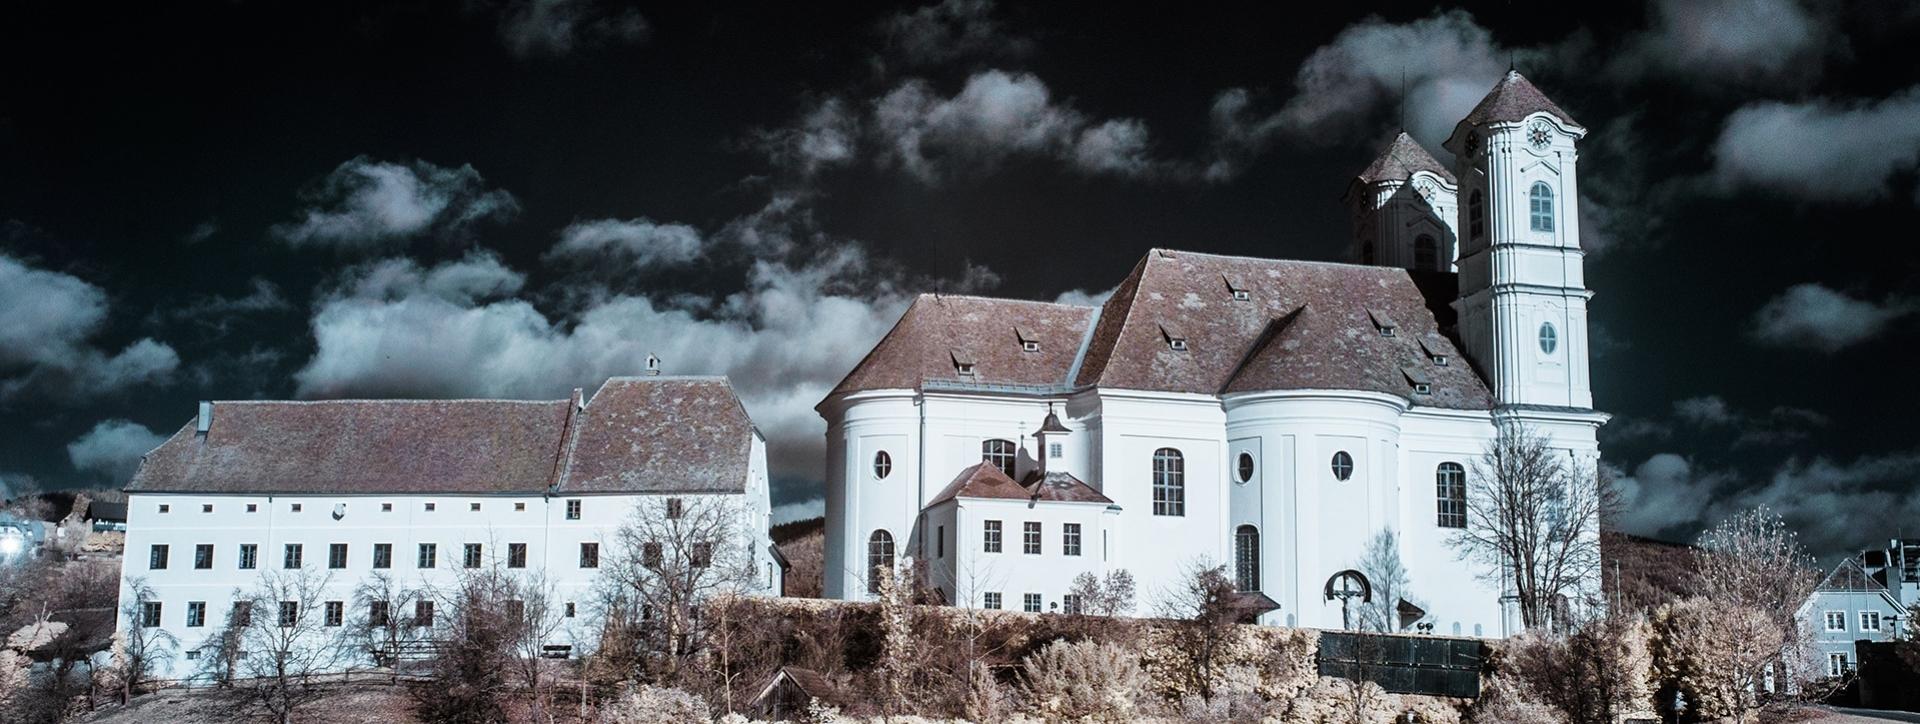 Basilika am Weizberg Seitenansicht